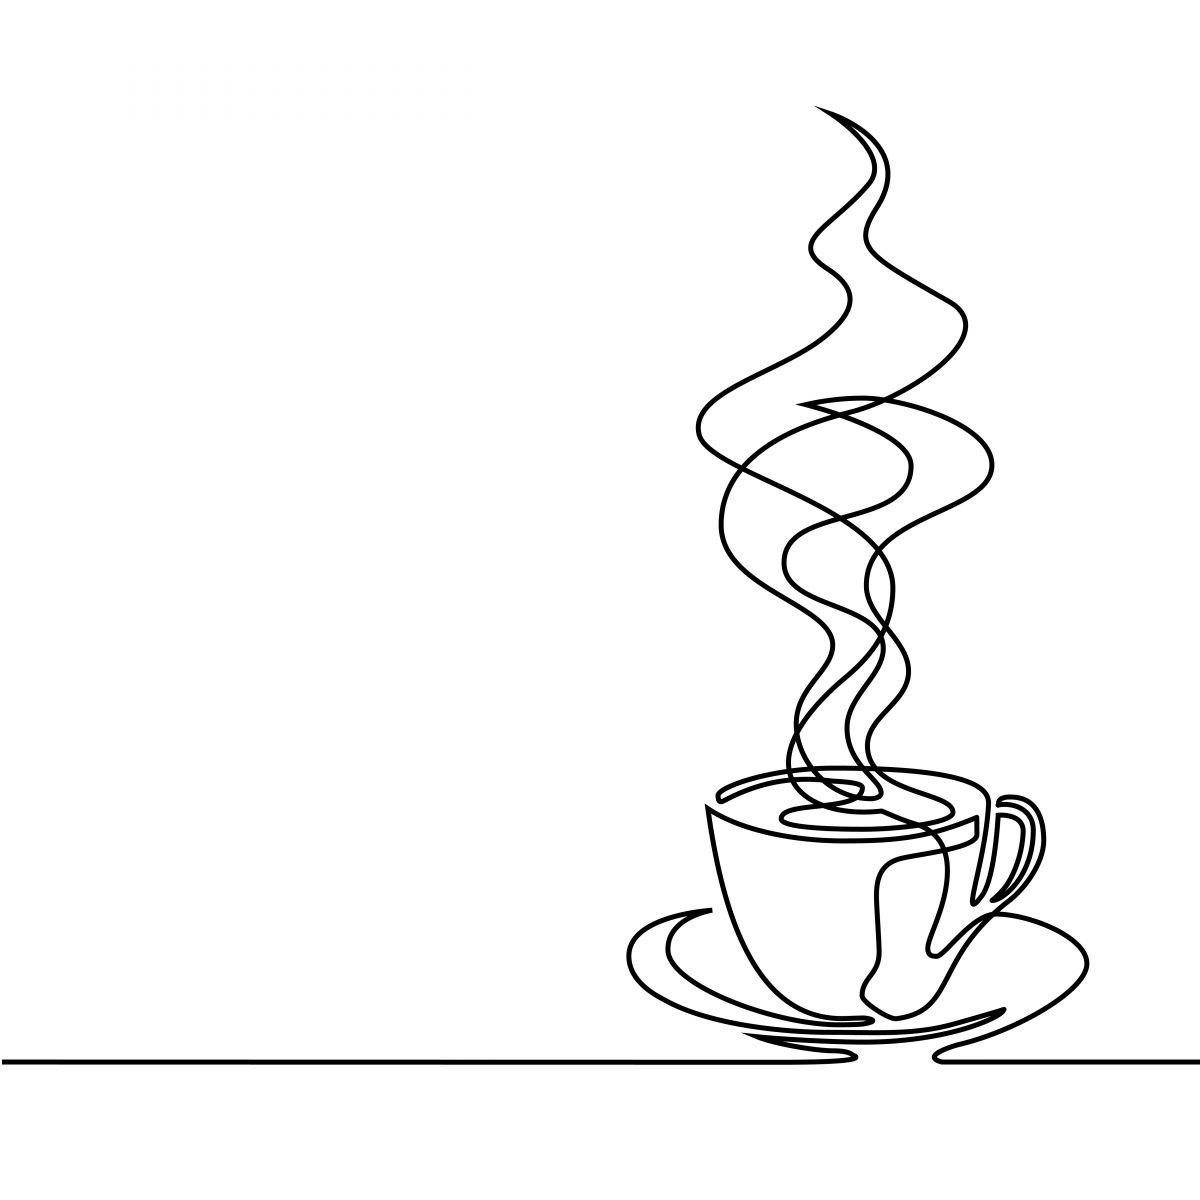 老是睡不好?過午別喝咖啡 - 今周刊